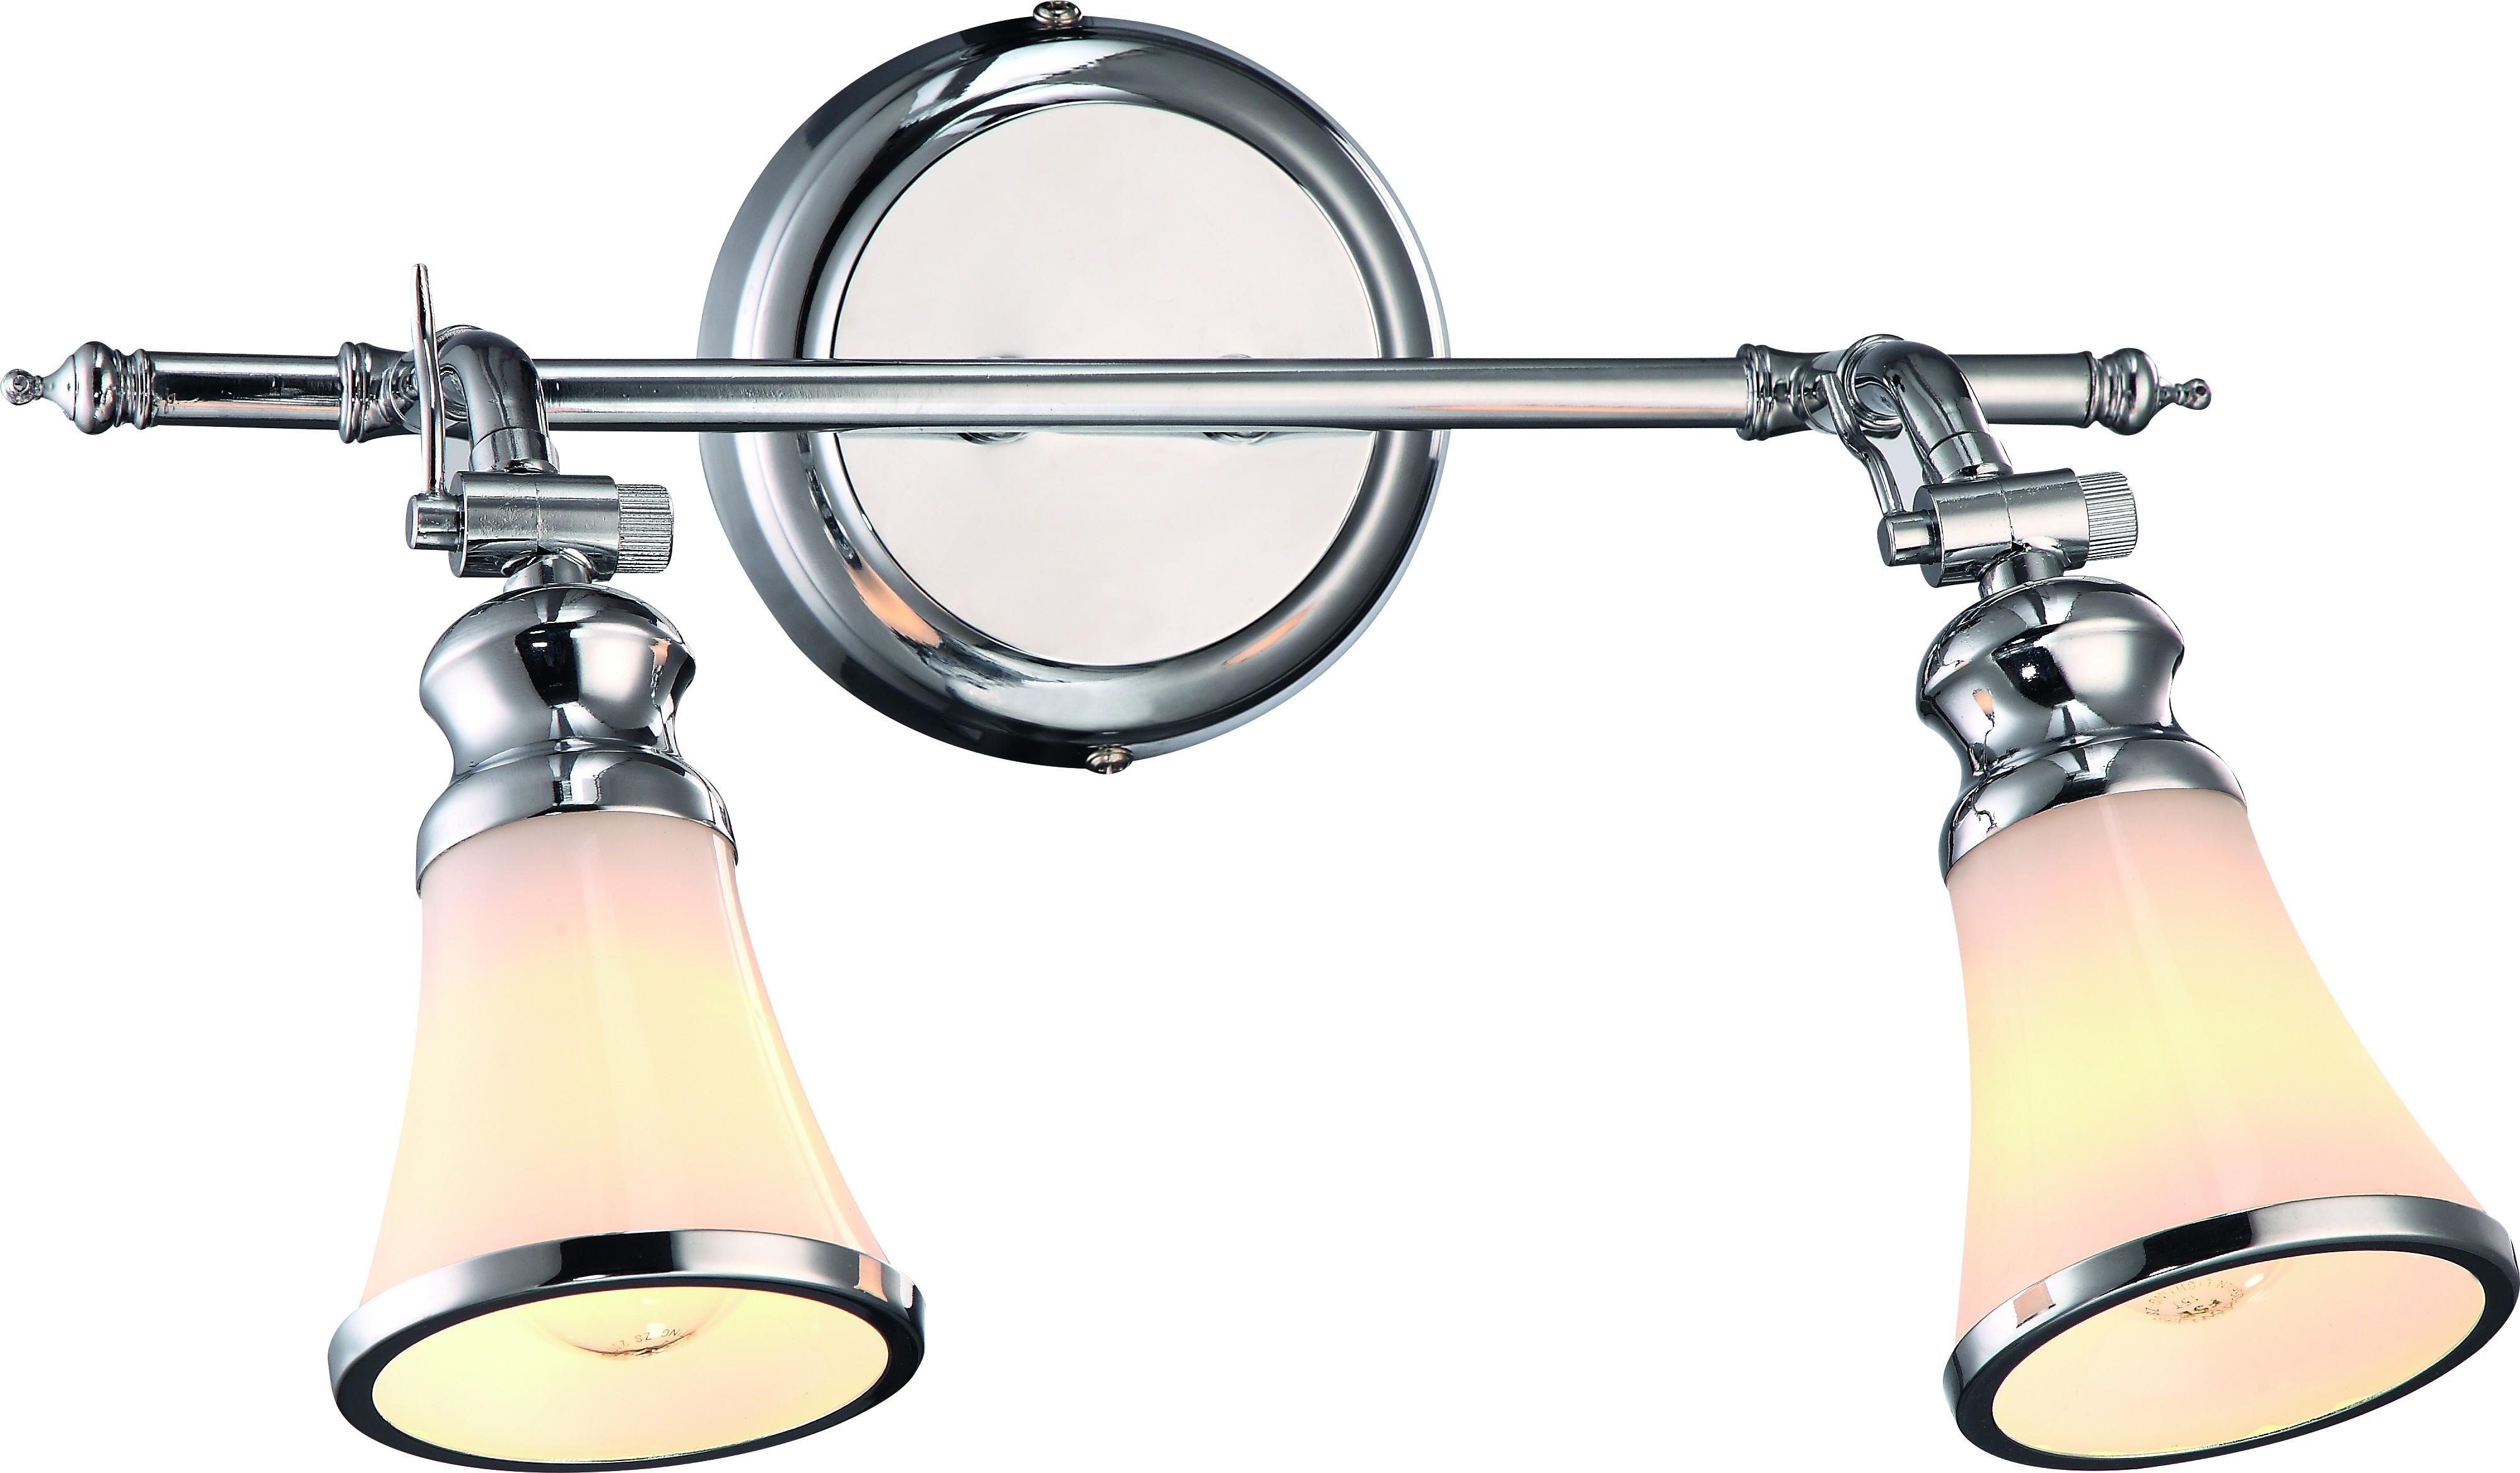 Спот Arte lamp A9231ap-2cc